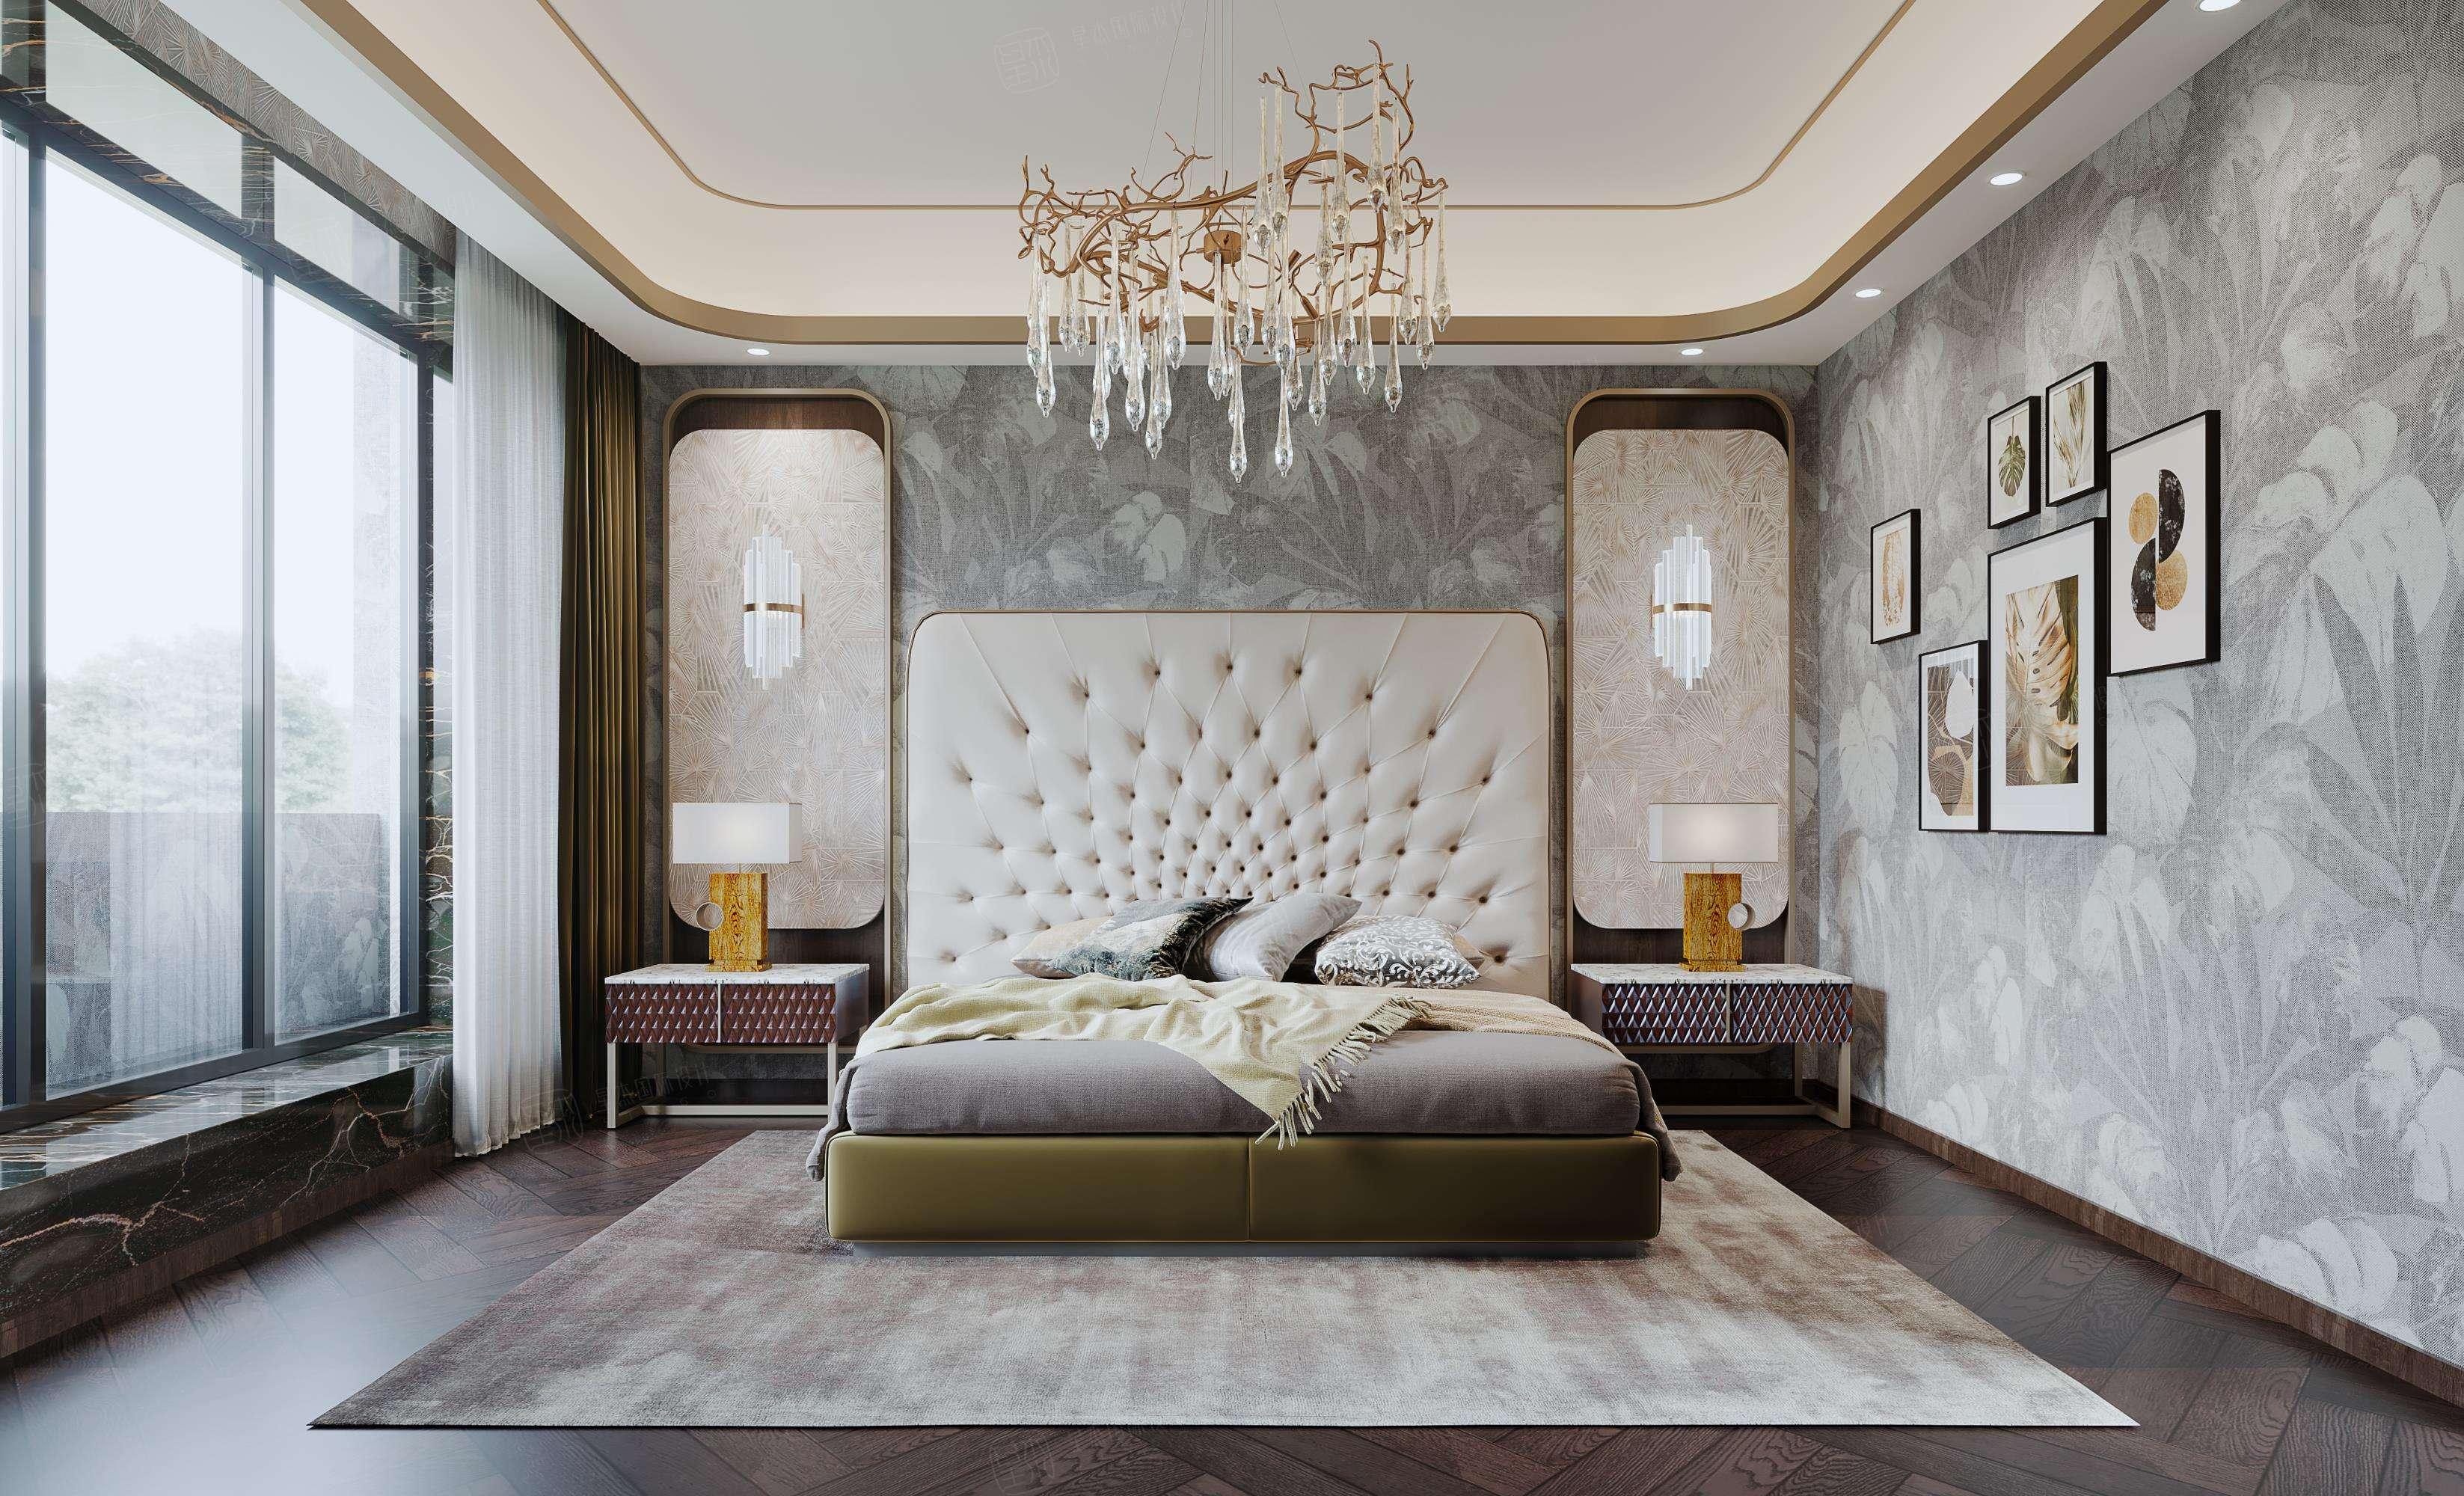 尚海格调-轻奢室内先生的精睿墅装修卧室效果图